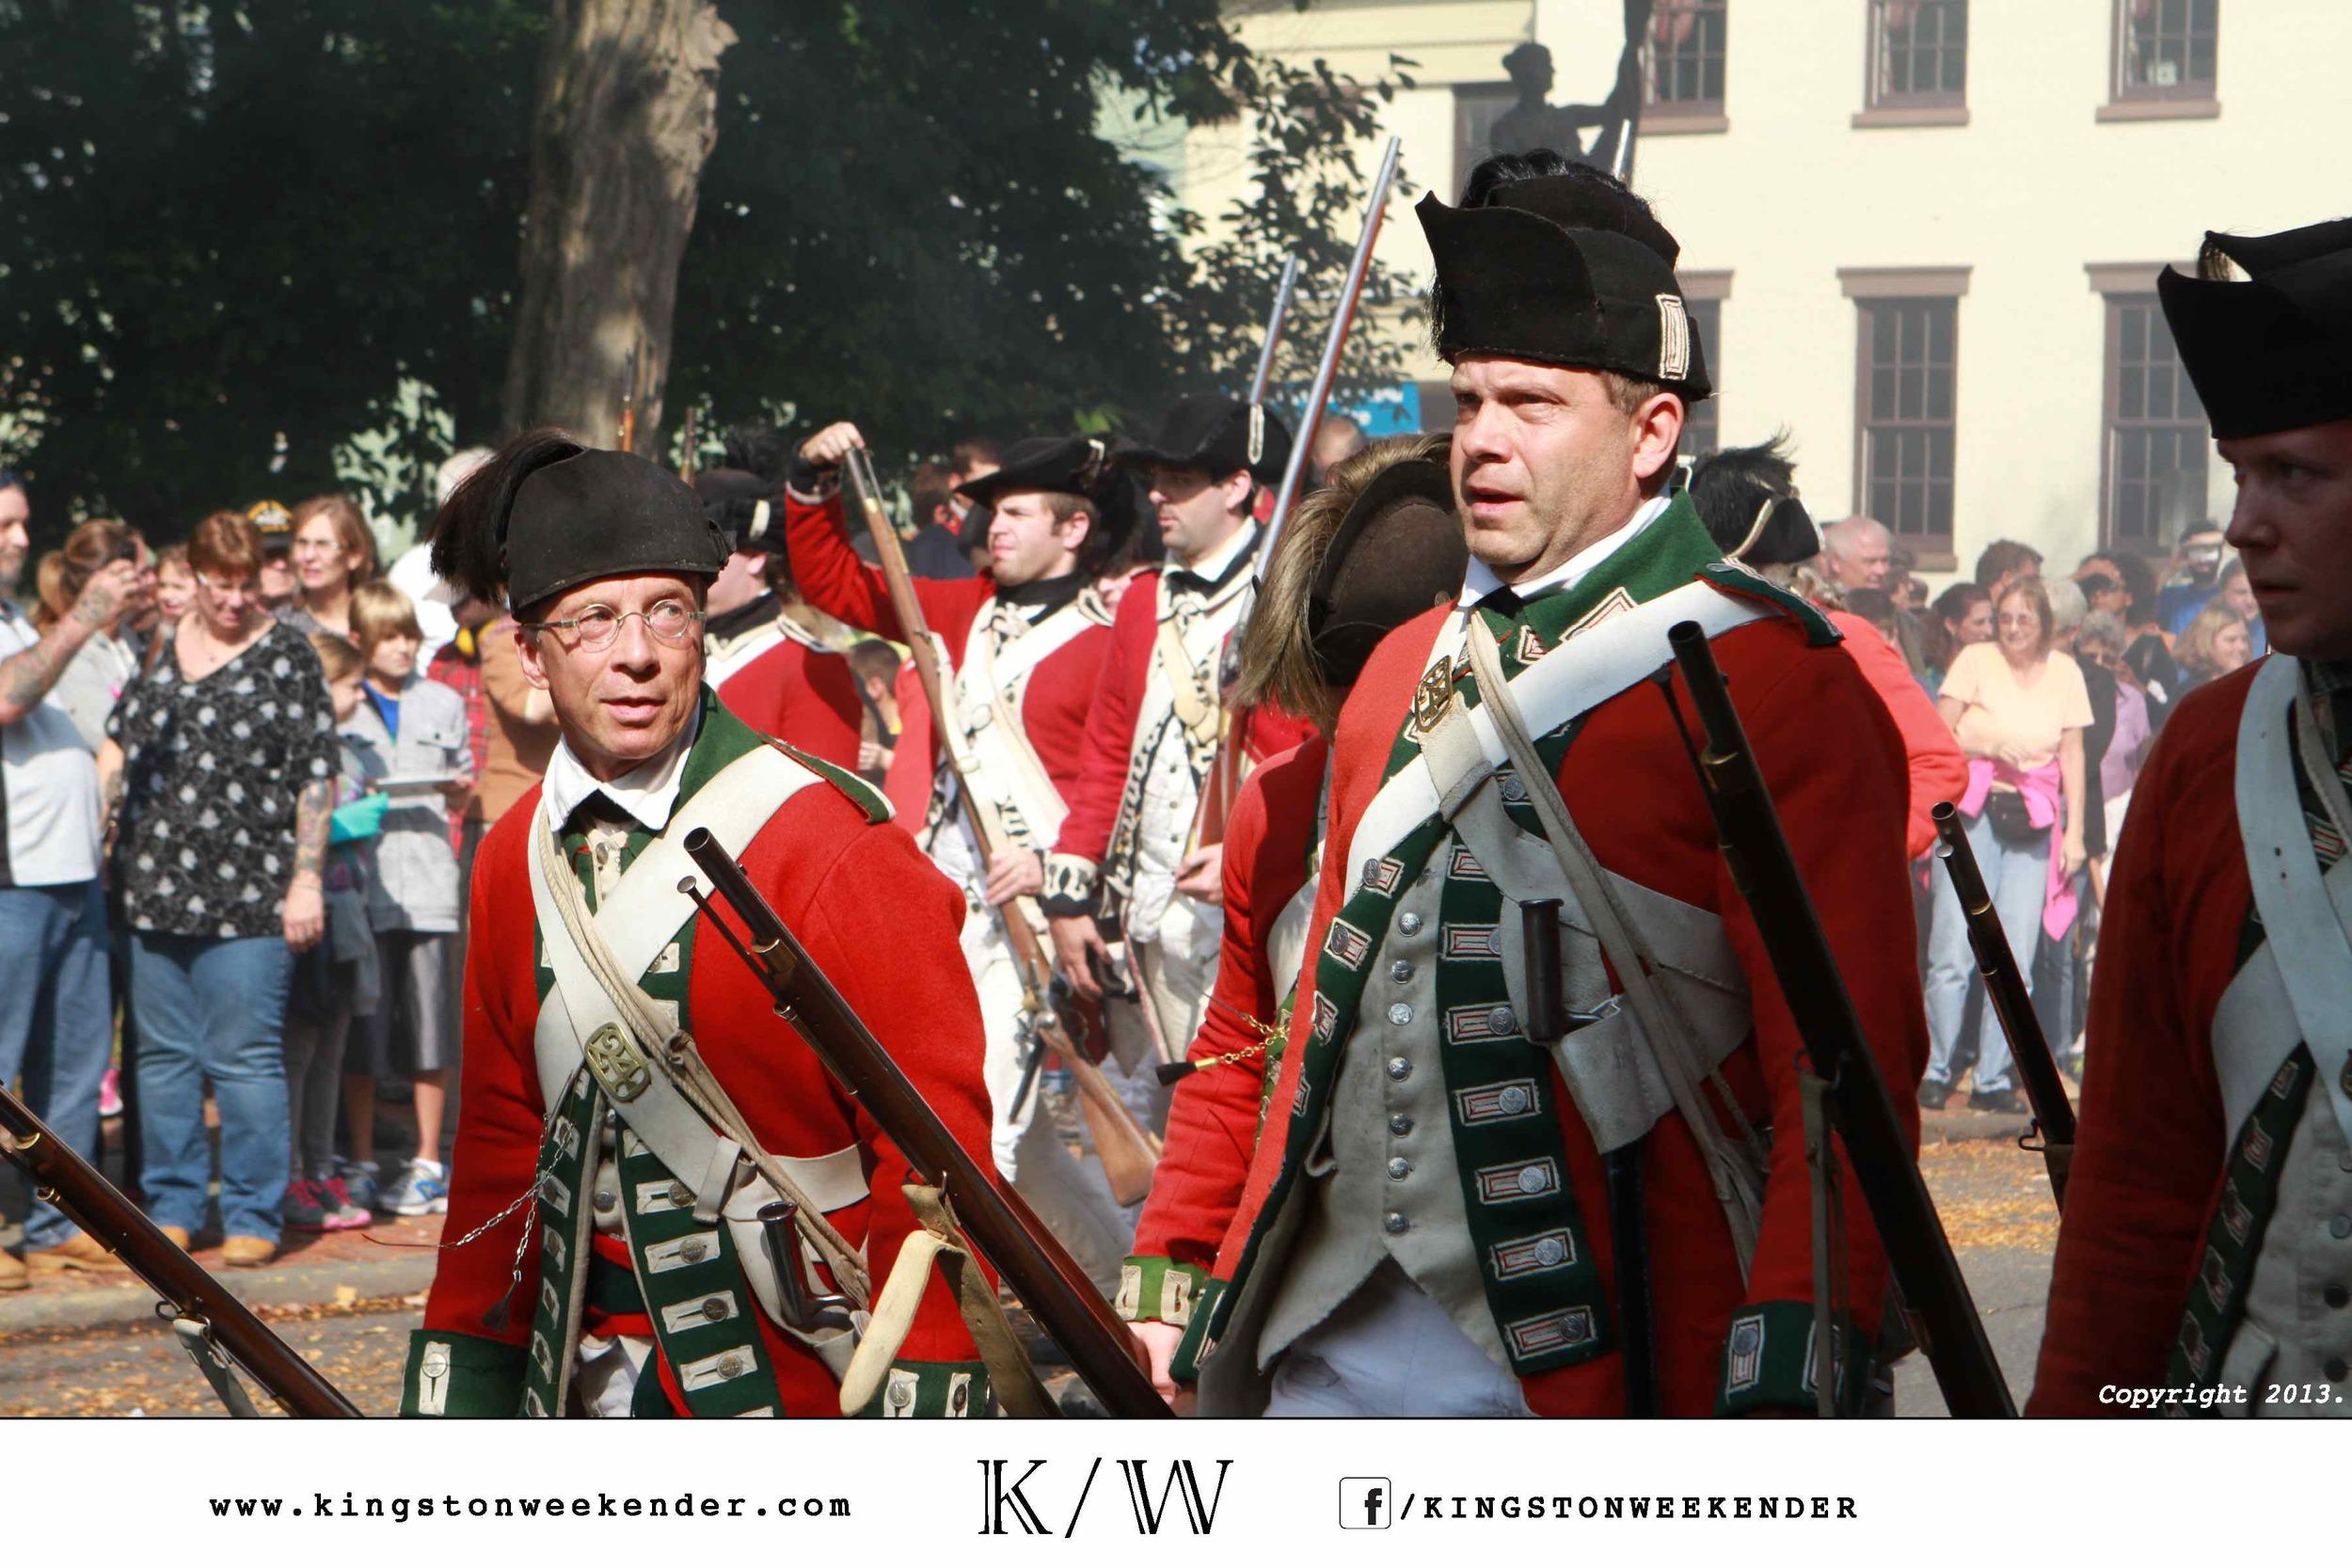 kingston-weekender-photo-credits26.jpg